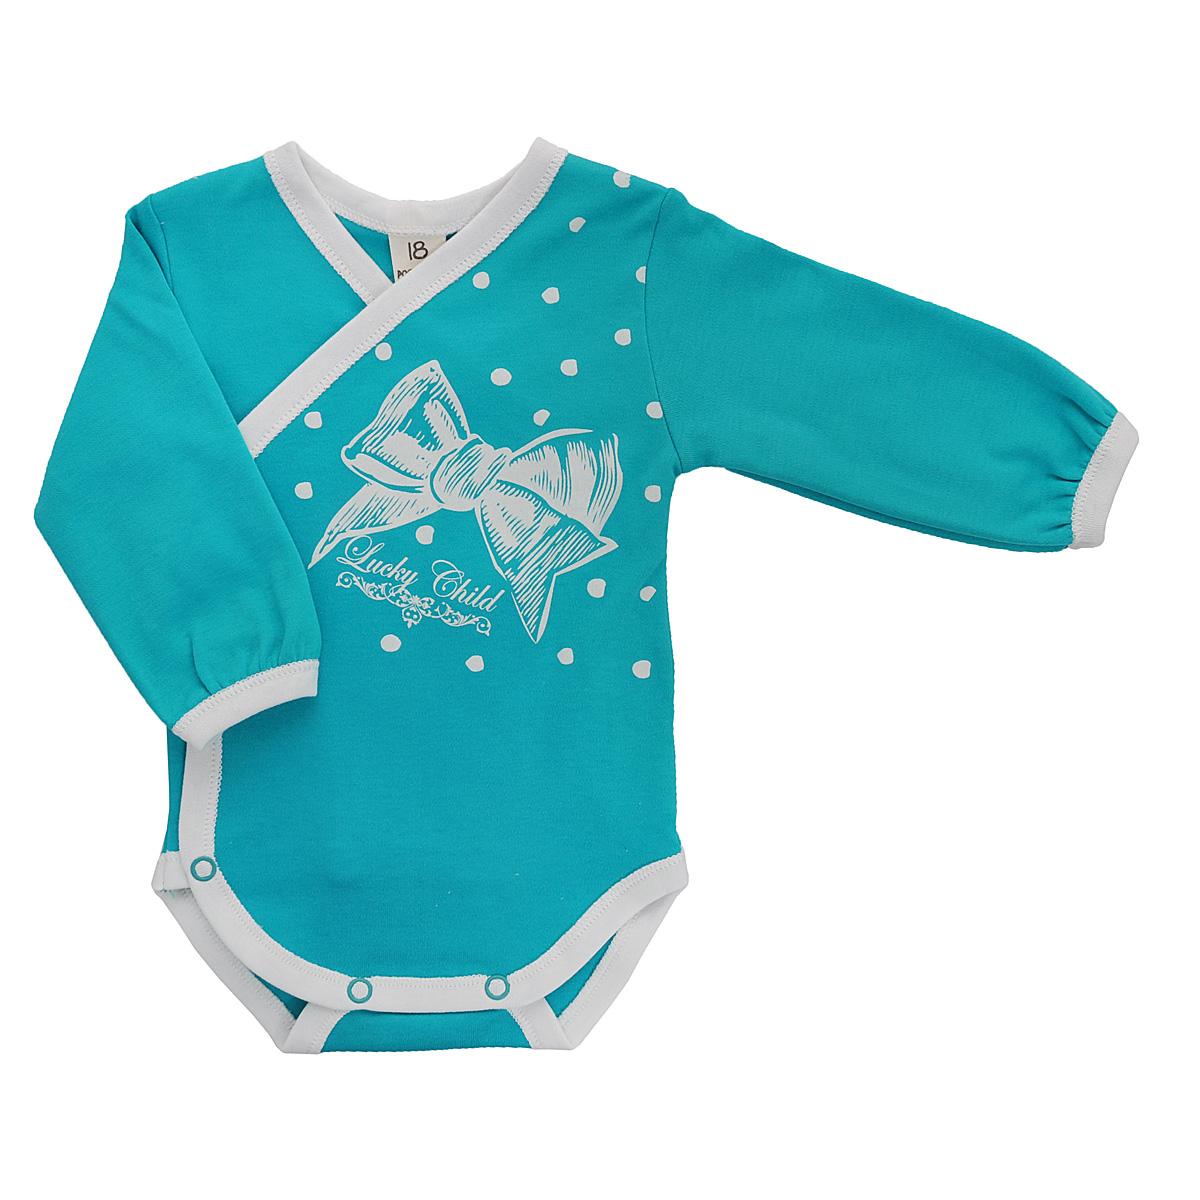 Боди для девочки Lucky Child, цвет: бирюзовый, молочный. 14-5. Размер 80/86 пижама для девочки lucky child цвет серо фиолетовый розовый 12 403 размер 80 86